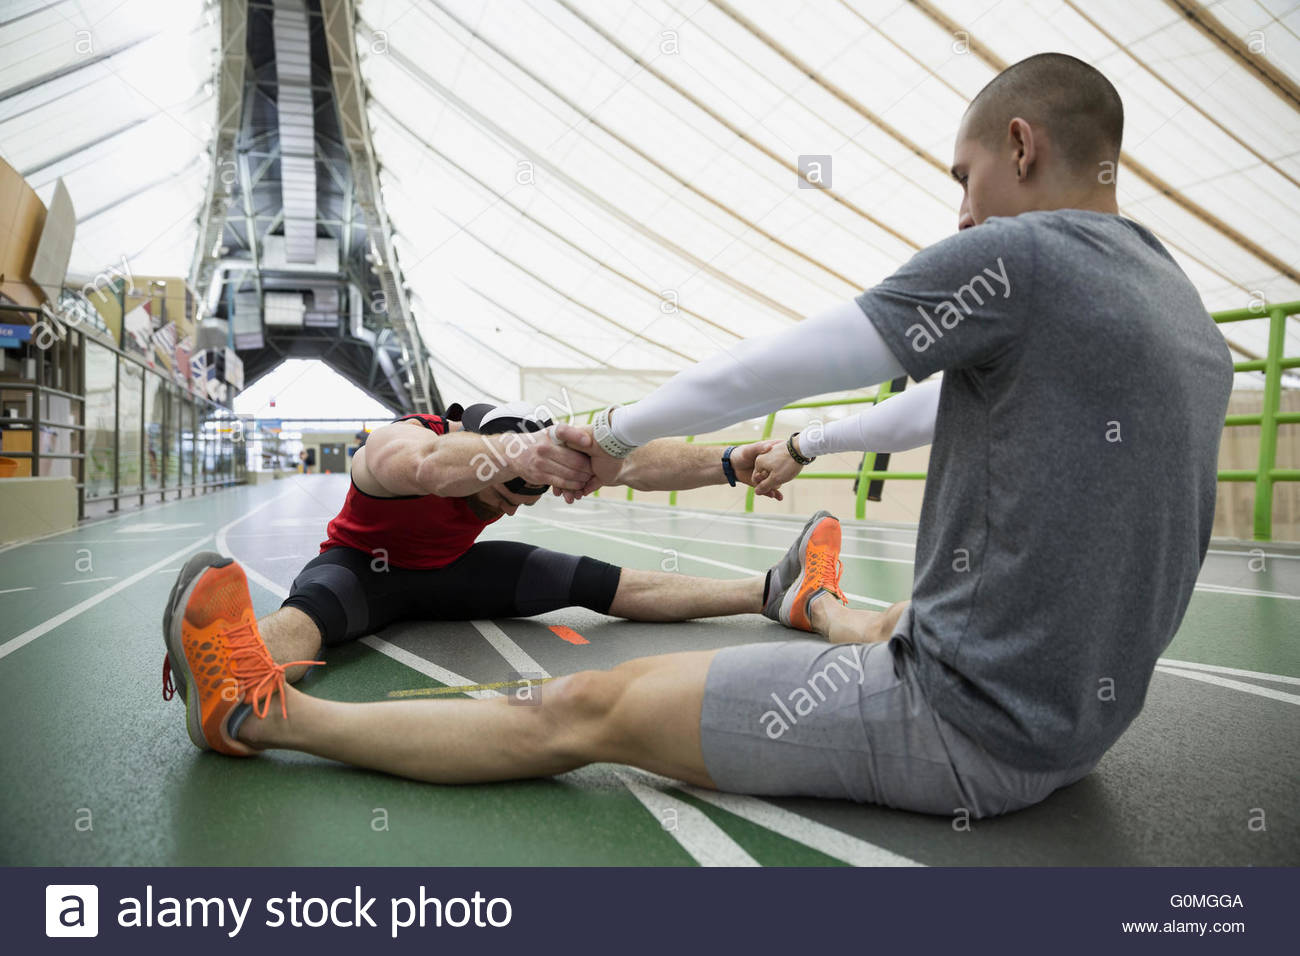 Los corredores manos estirar las piernas pista cubierta Imagen De Stock